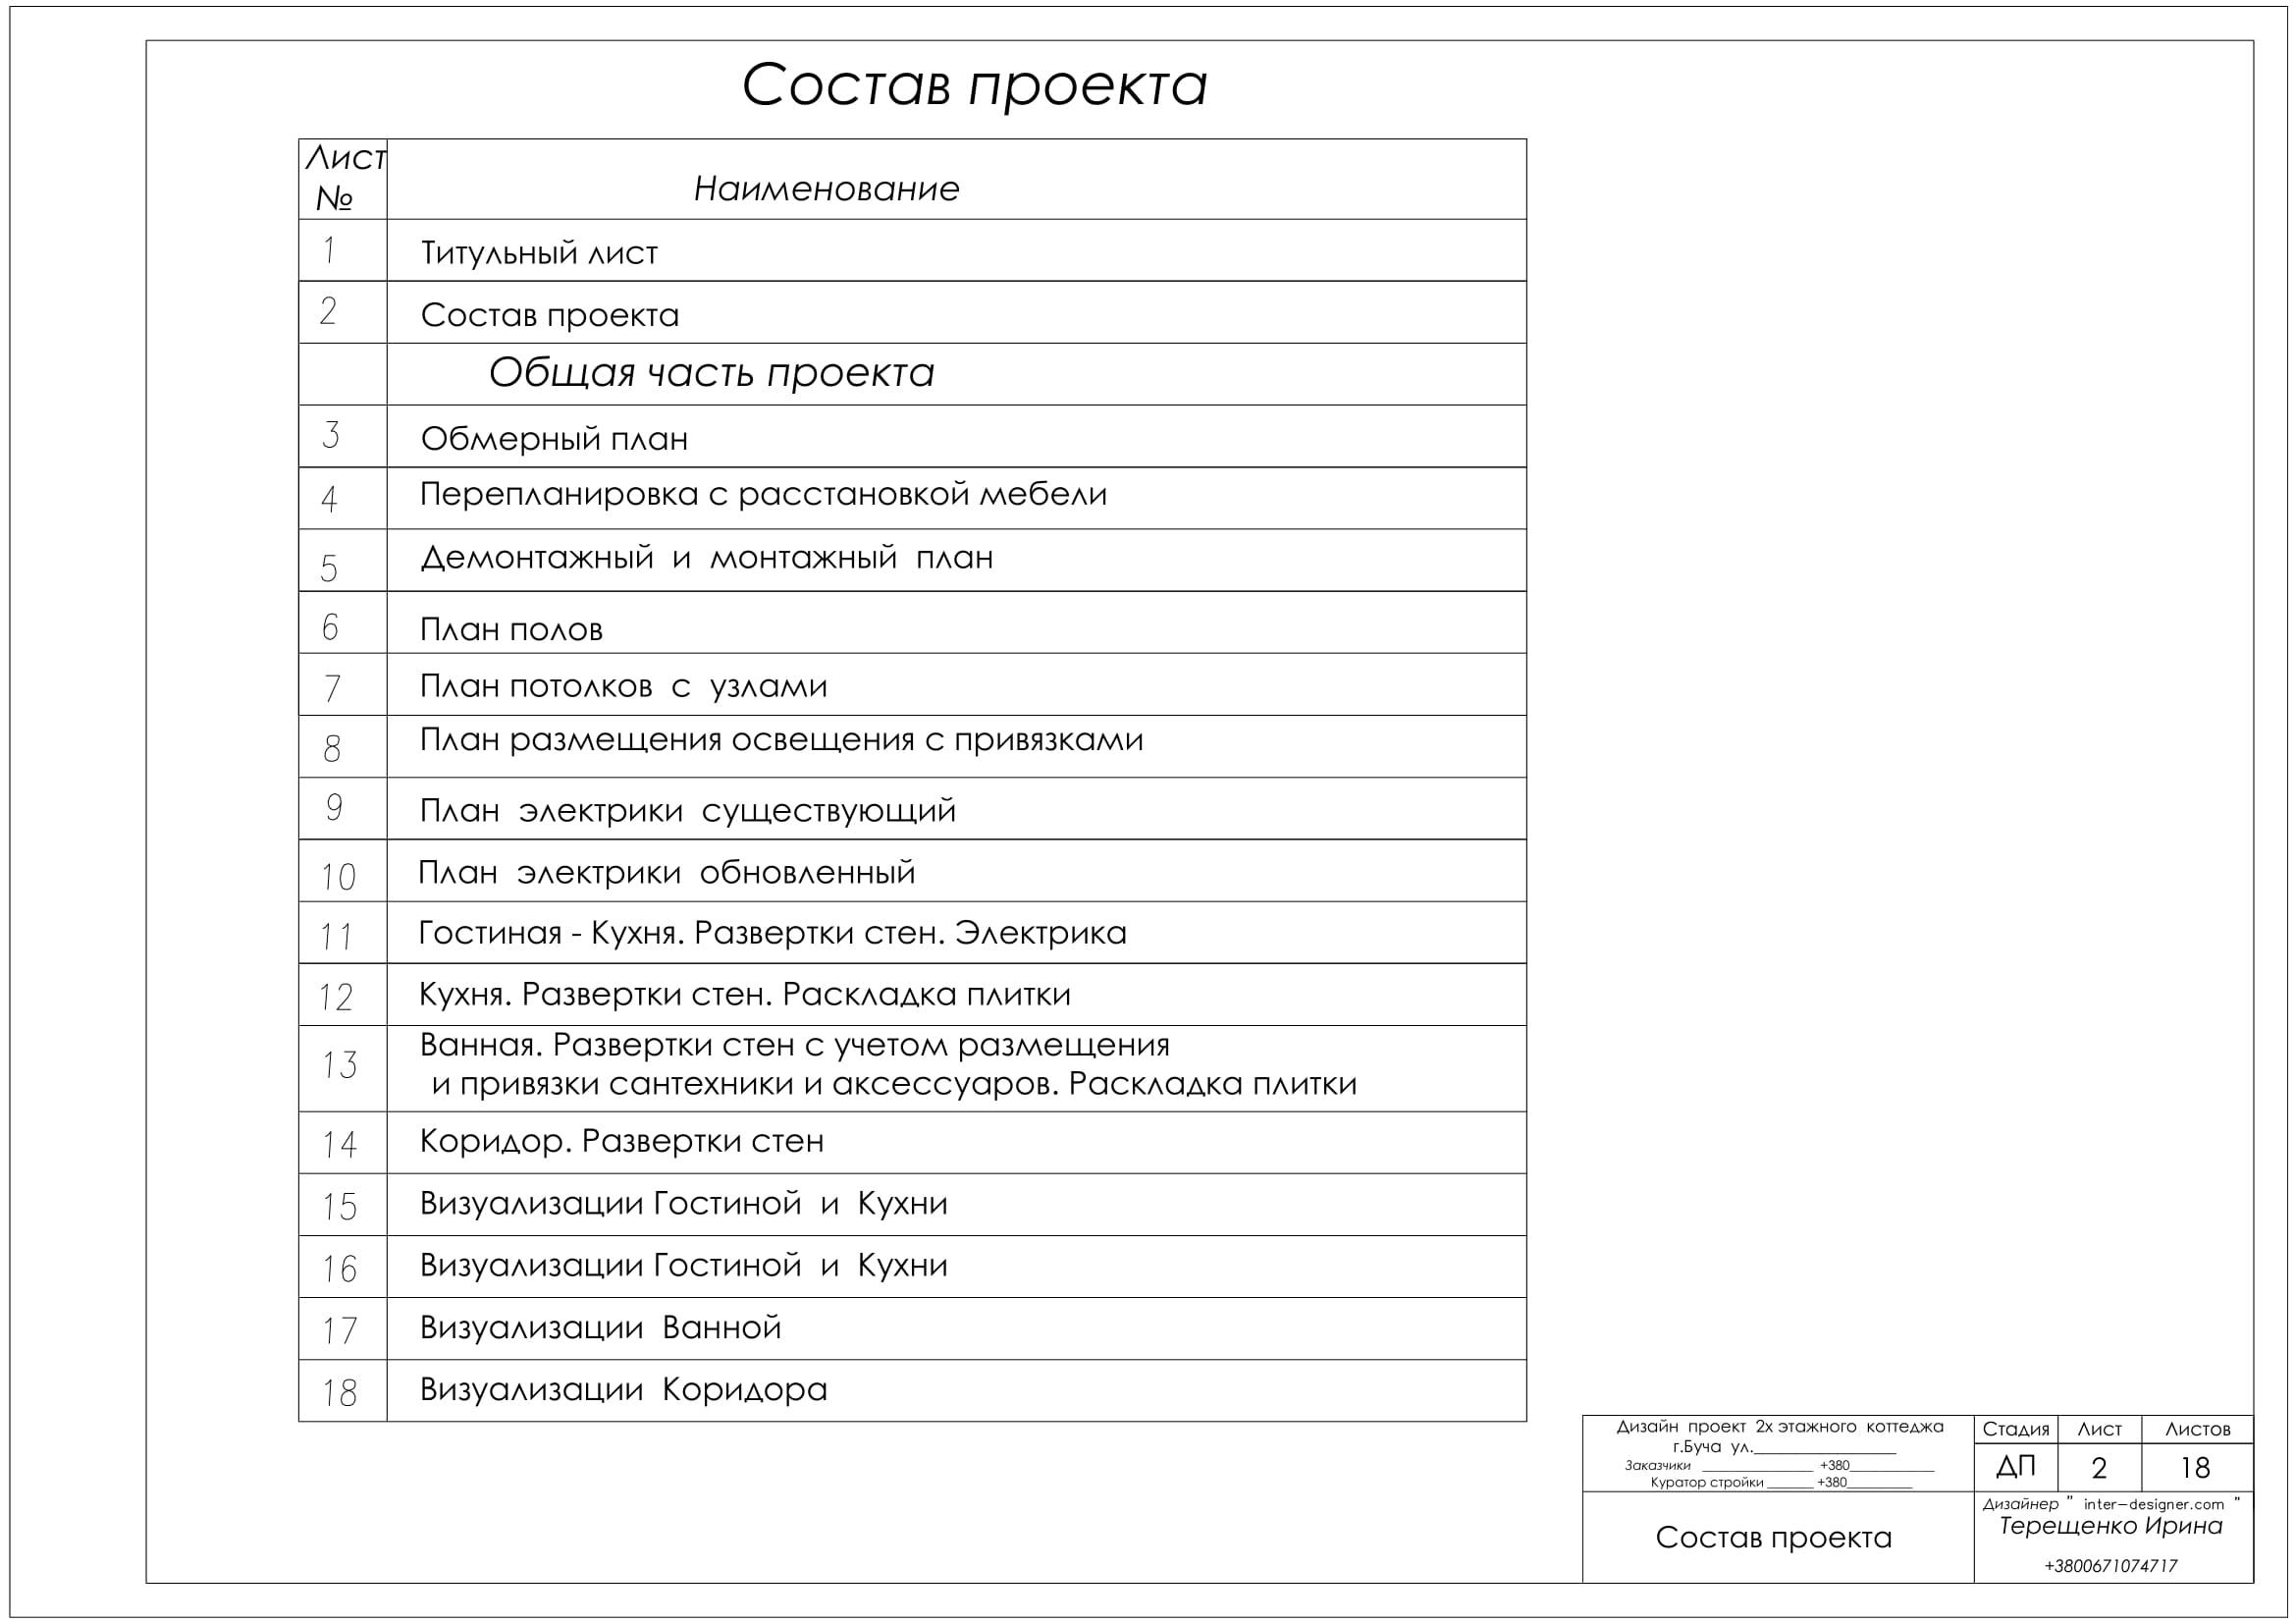 Дизайн проект. Ирина Терещенко. Пример пакета проектной документации, слайд 2